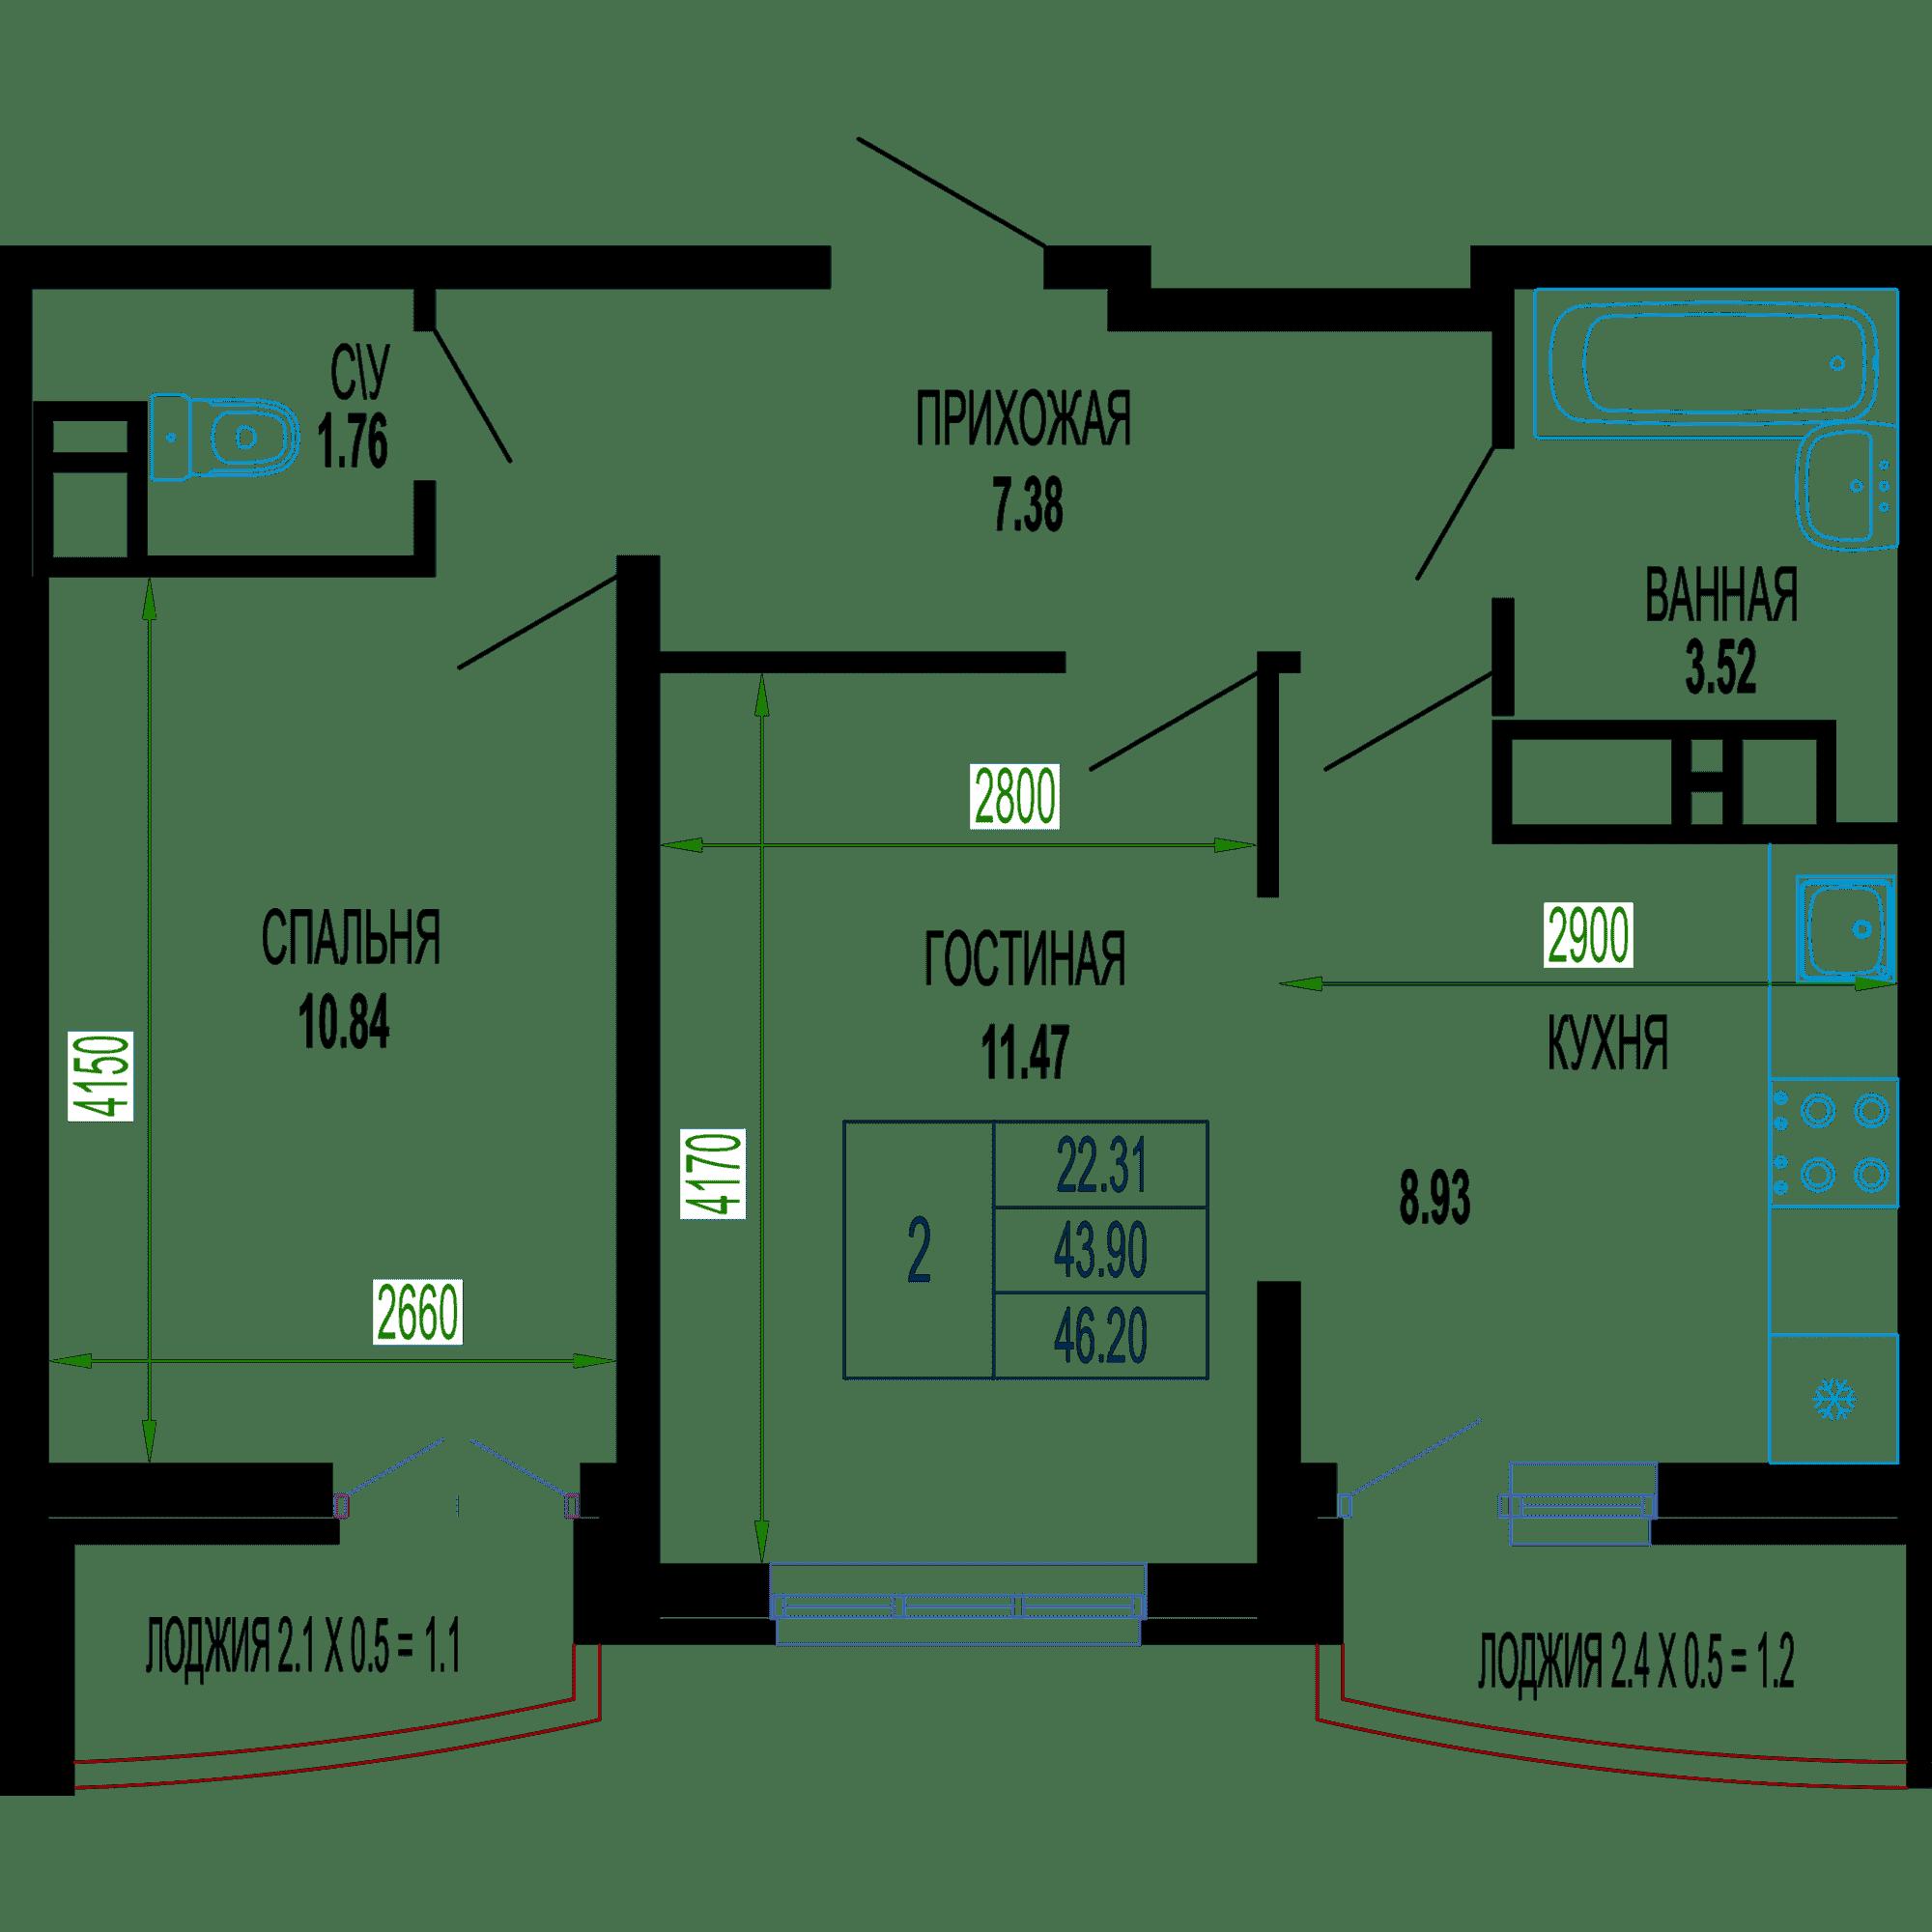 Двухкомнатная квартира в ЖК Лучший 46.20 м2